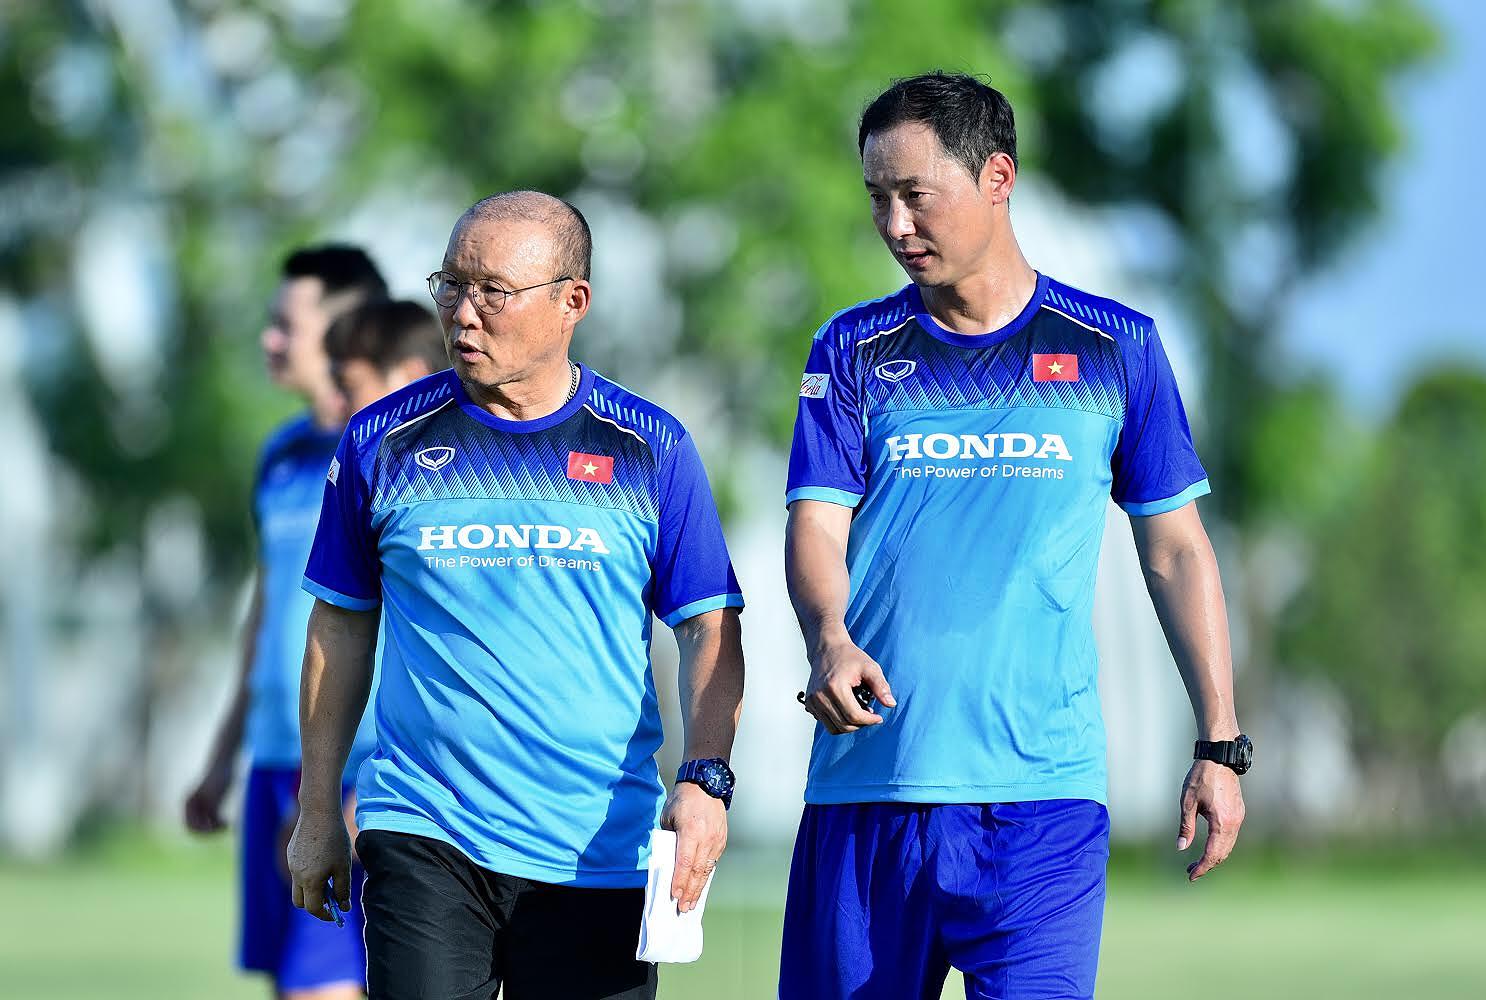 NÓNG: U22 Việt Nam phải thi đấu trên sân nhân tạo tại SEA Games 30 - Bóng Đá